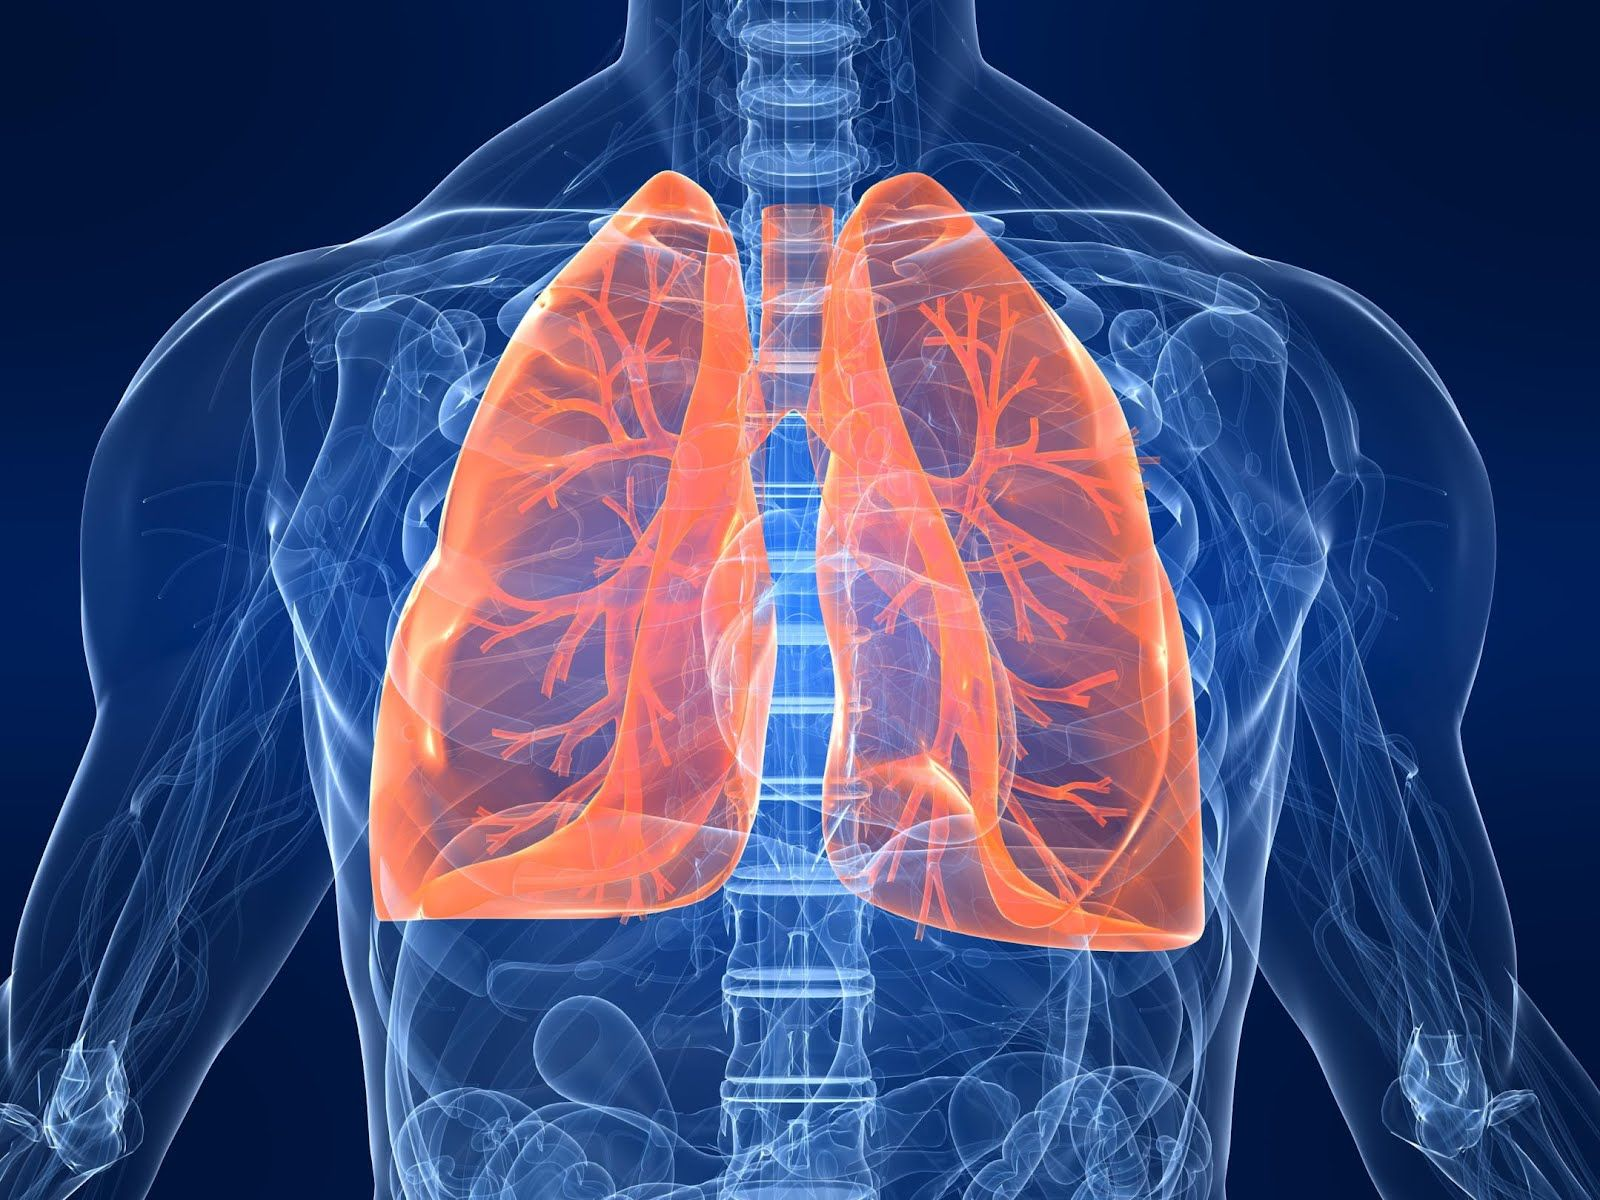 Tüdőátültetés